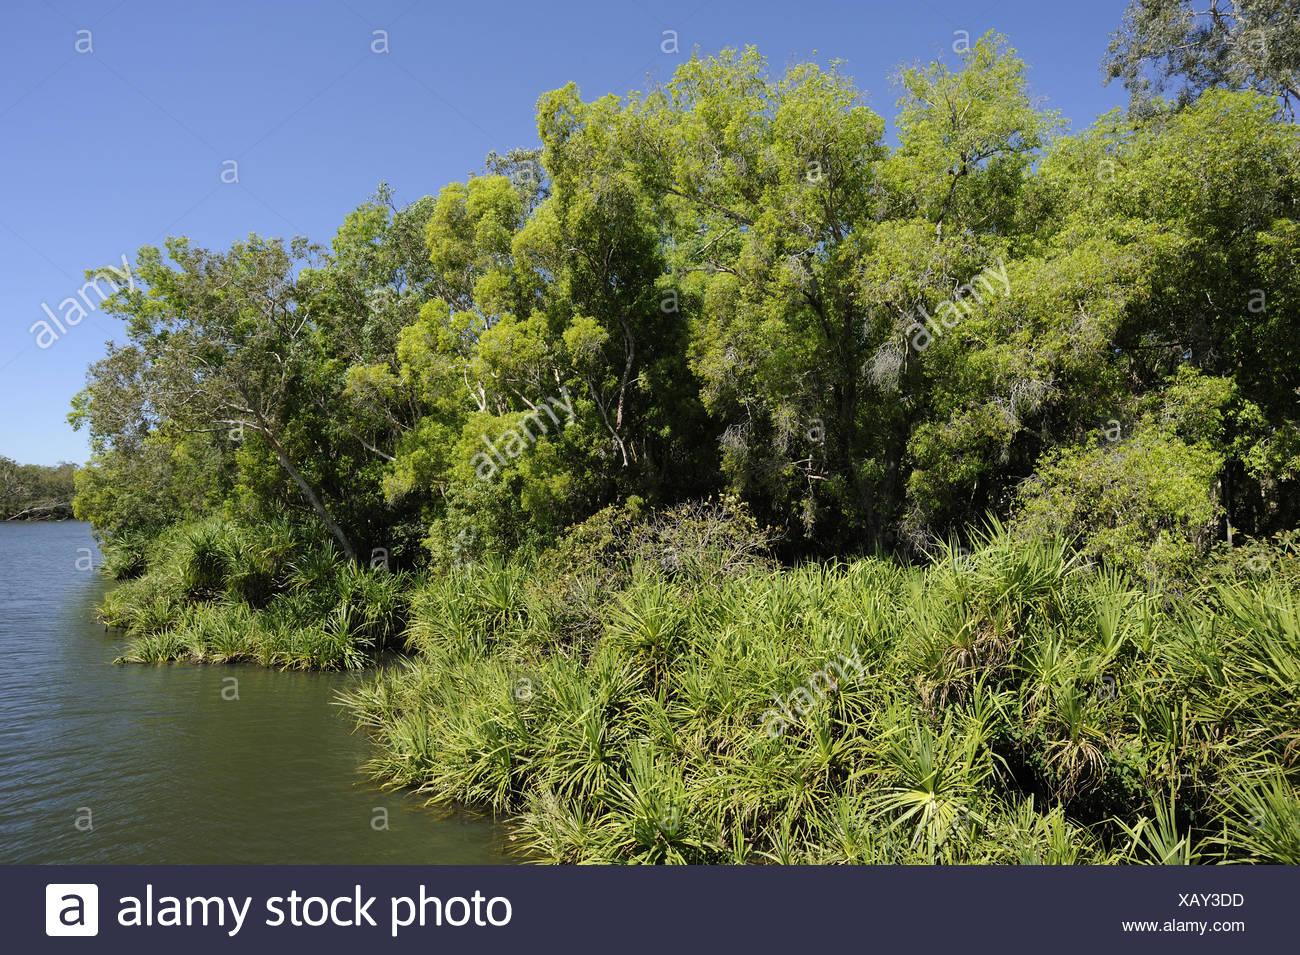 Galleria, lato fiume, il Fiume South Alligator, Brett Hochman attraversando il Parco Nazionale Kakadu, Territorio del Nord, l'Australia Foto Stock